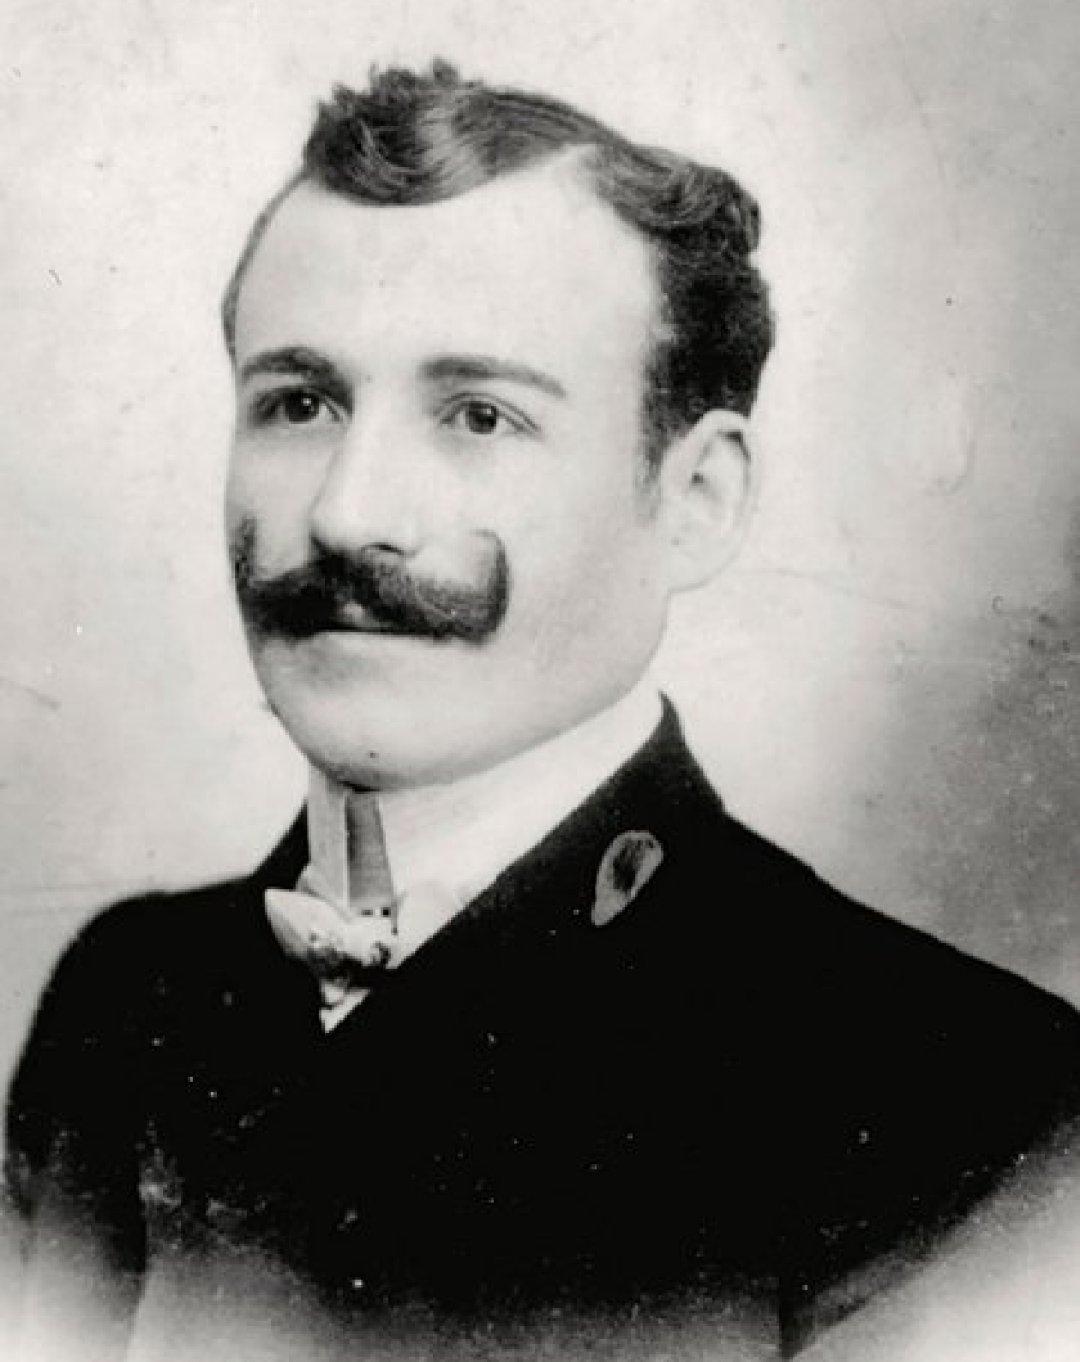 Michel Narvratil, el padre de los niños, murió en el naufragio. Luego se descubrió que viajaban con nombres falsos y él los había secuestrado para alejarlos de su madre